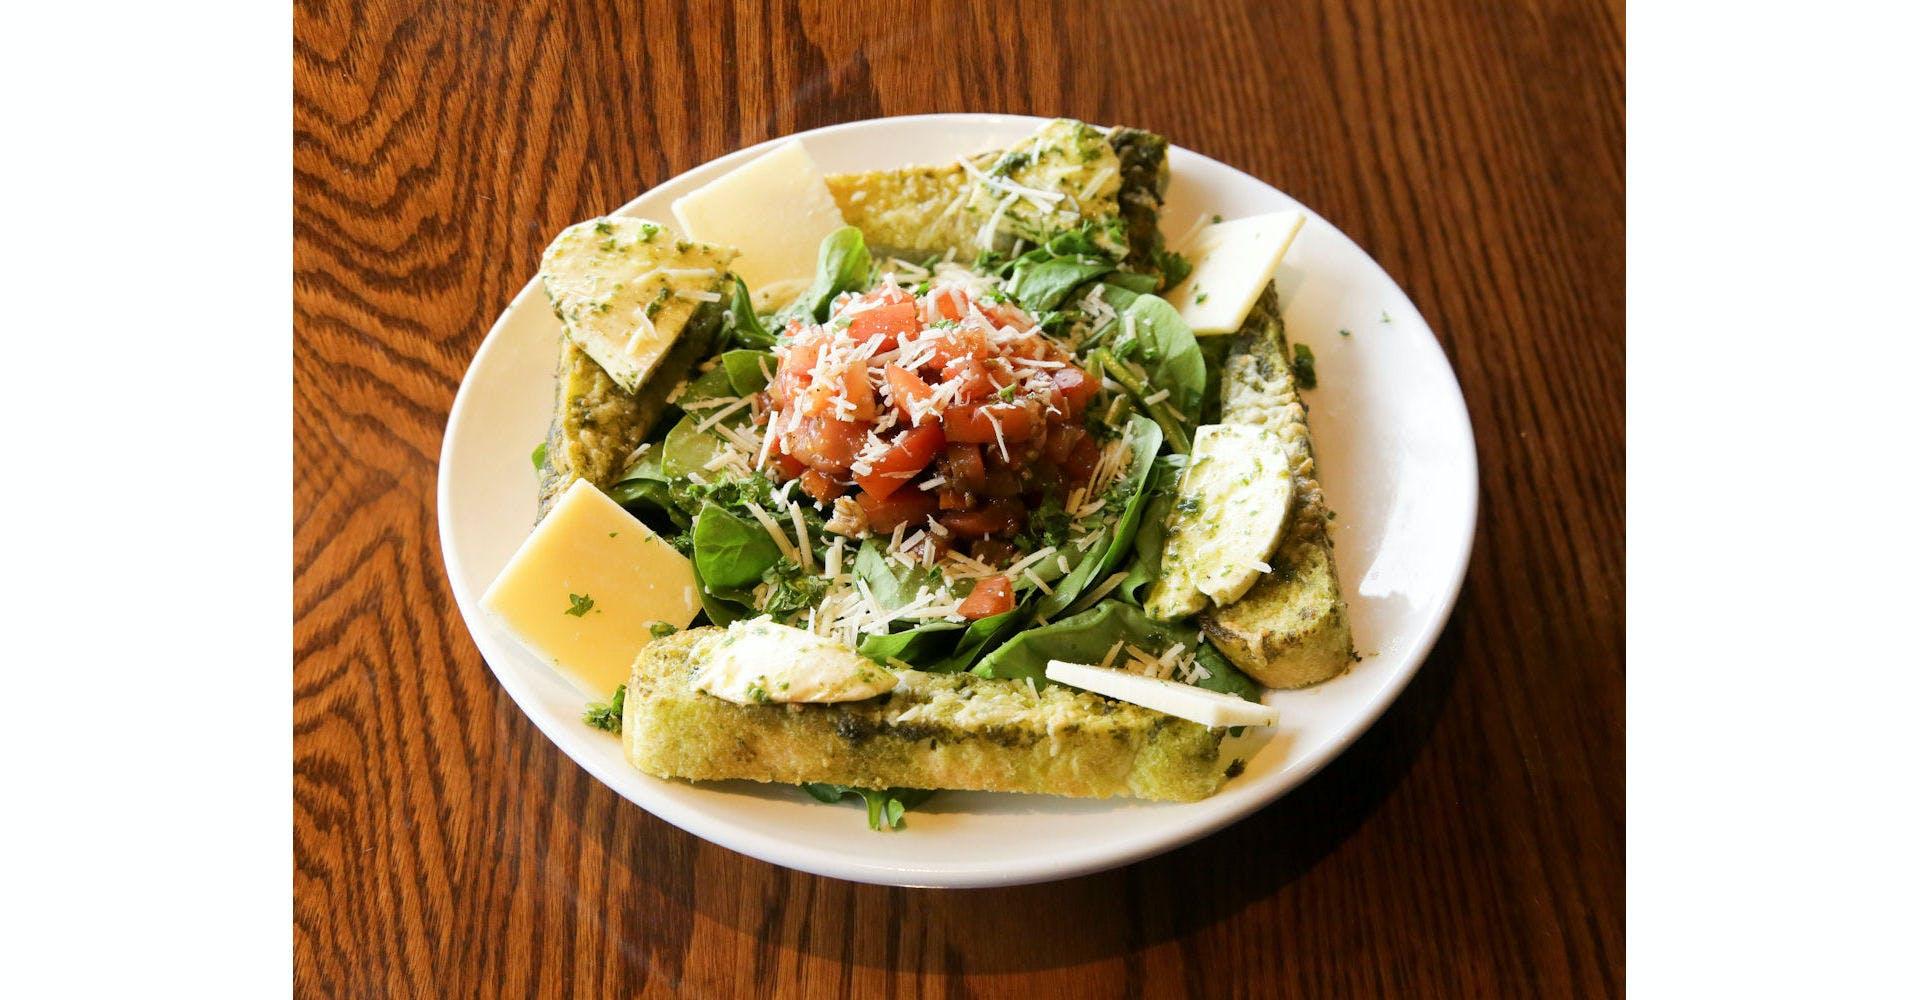 Bruschetta Chicken Salad from Grazies Italian Grill in Stevens Point, WI